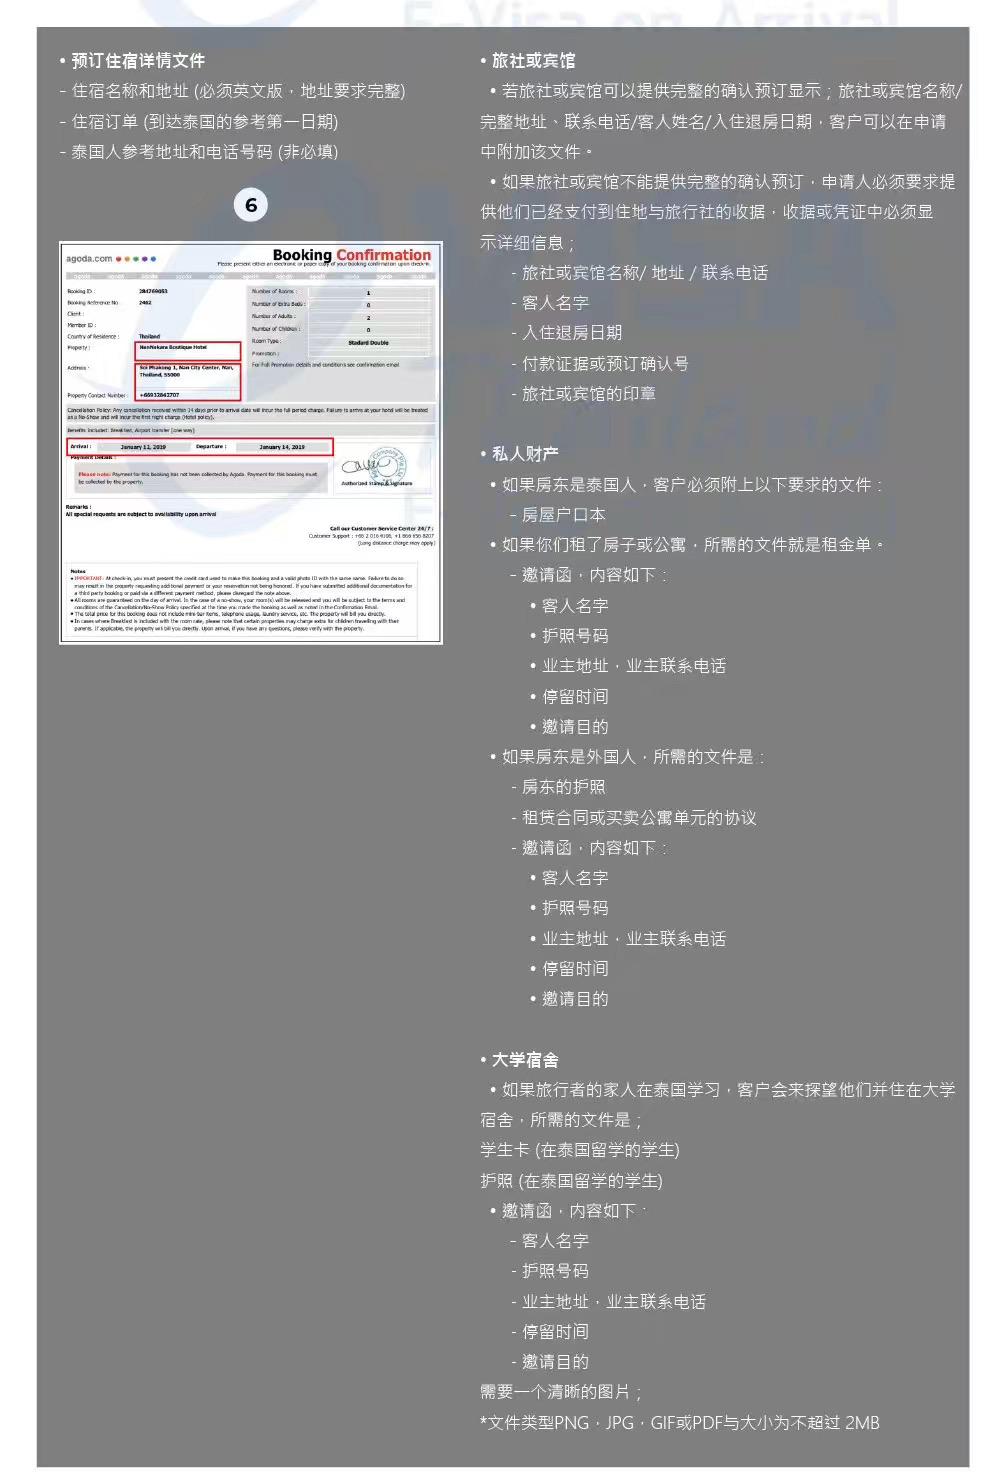 318AAADE-ED7C-4450-AAD5-2FBEBEC59CEF.jpeg